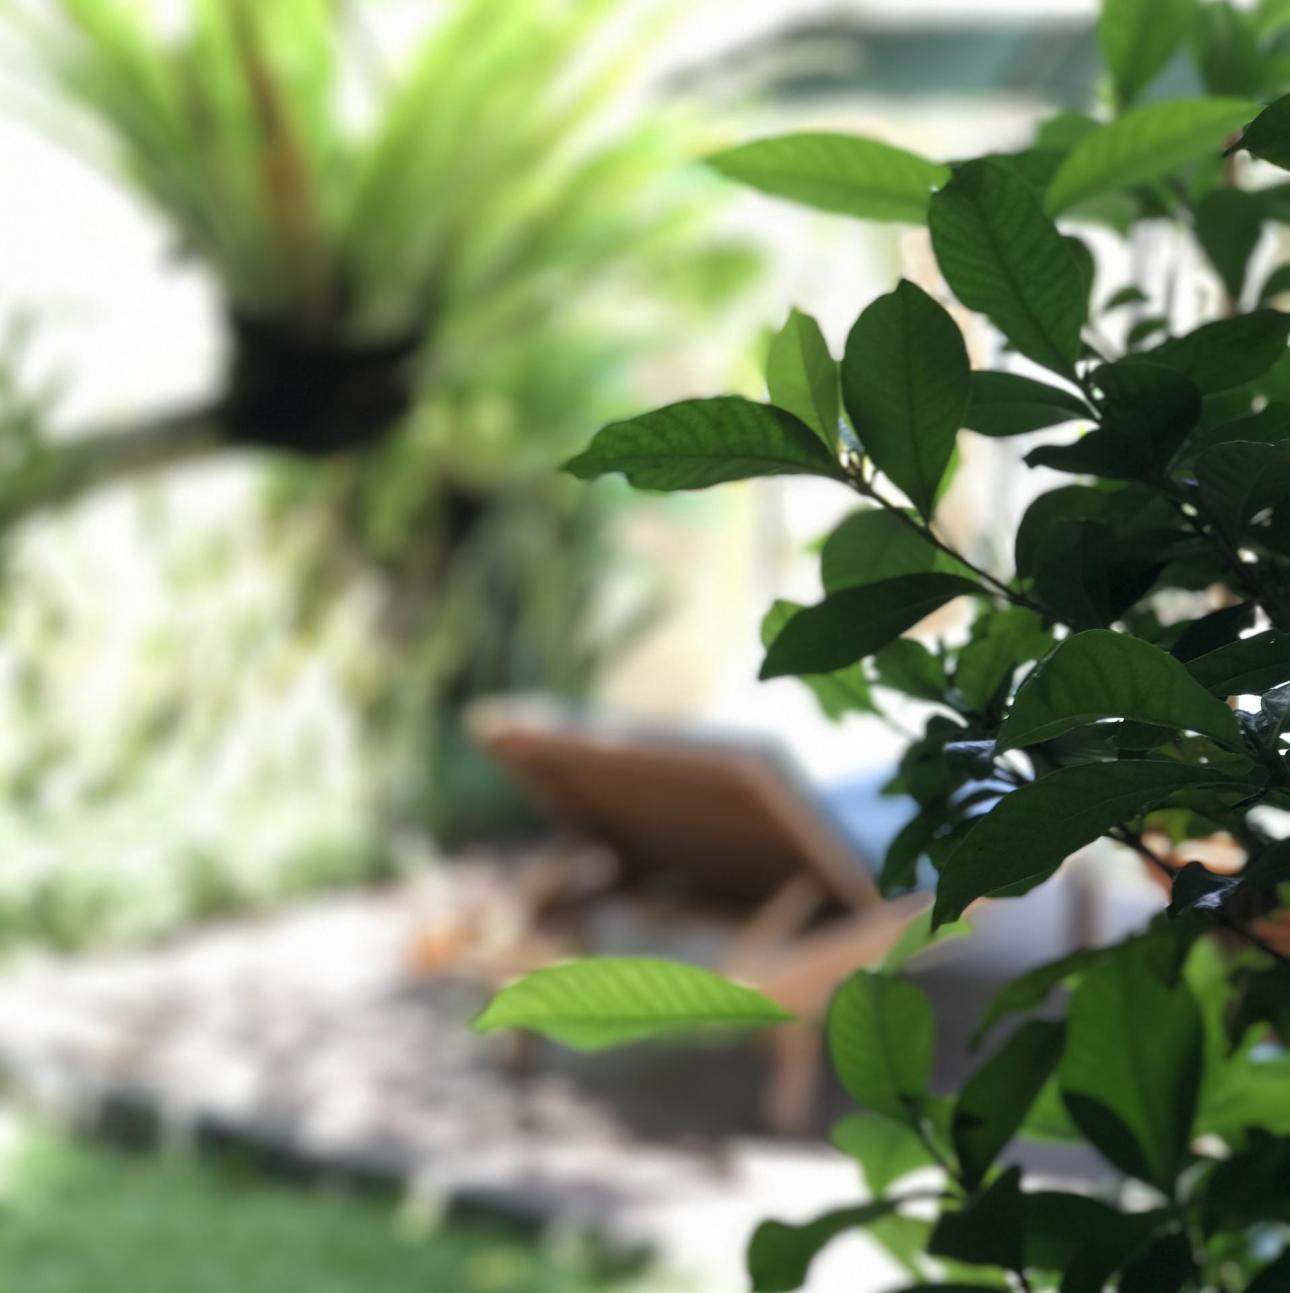 Ubud er ren afslapning, kultur og spandevis af røgelse. Der er grønt og frodigt og NEJ (!!), der regner faktisk ikke altid - selvom bygerne kan være temmeligt vilde!